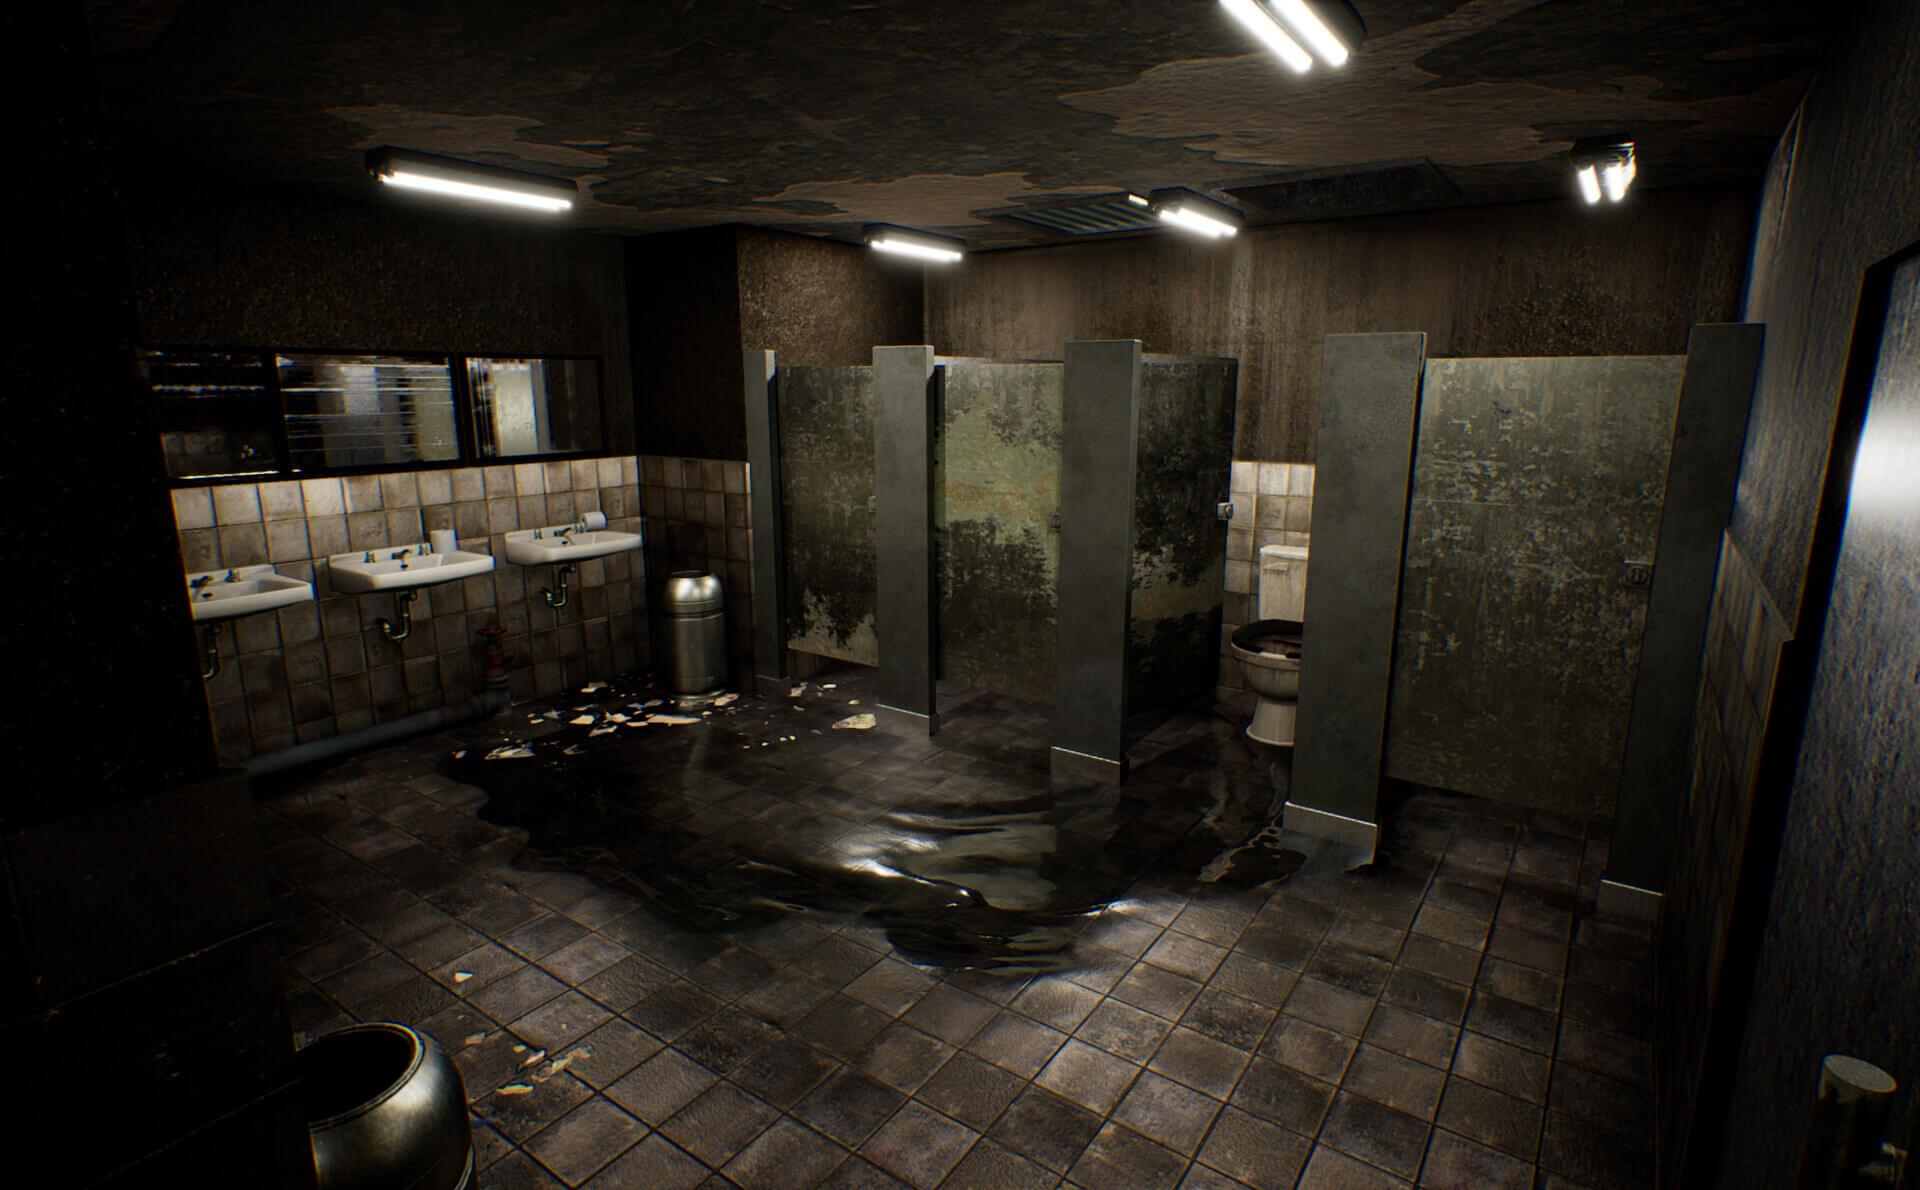 Aqui está um remake Goldeneye 007 em Unreal Engine 4 com ...